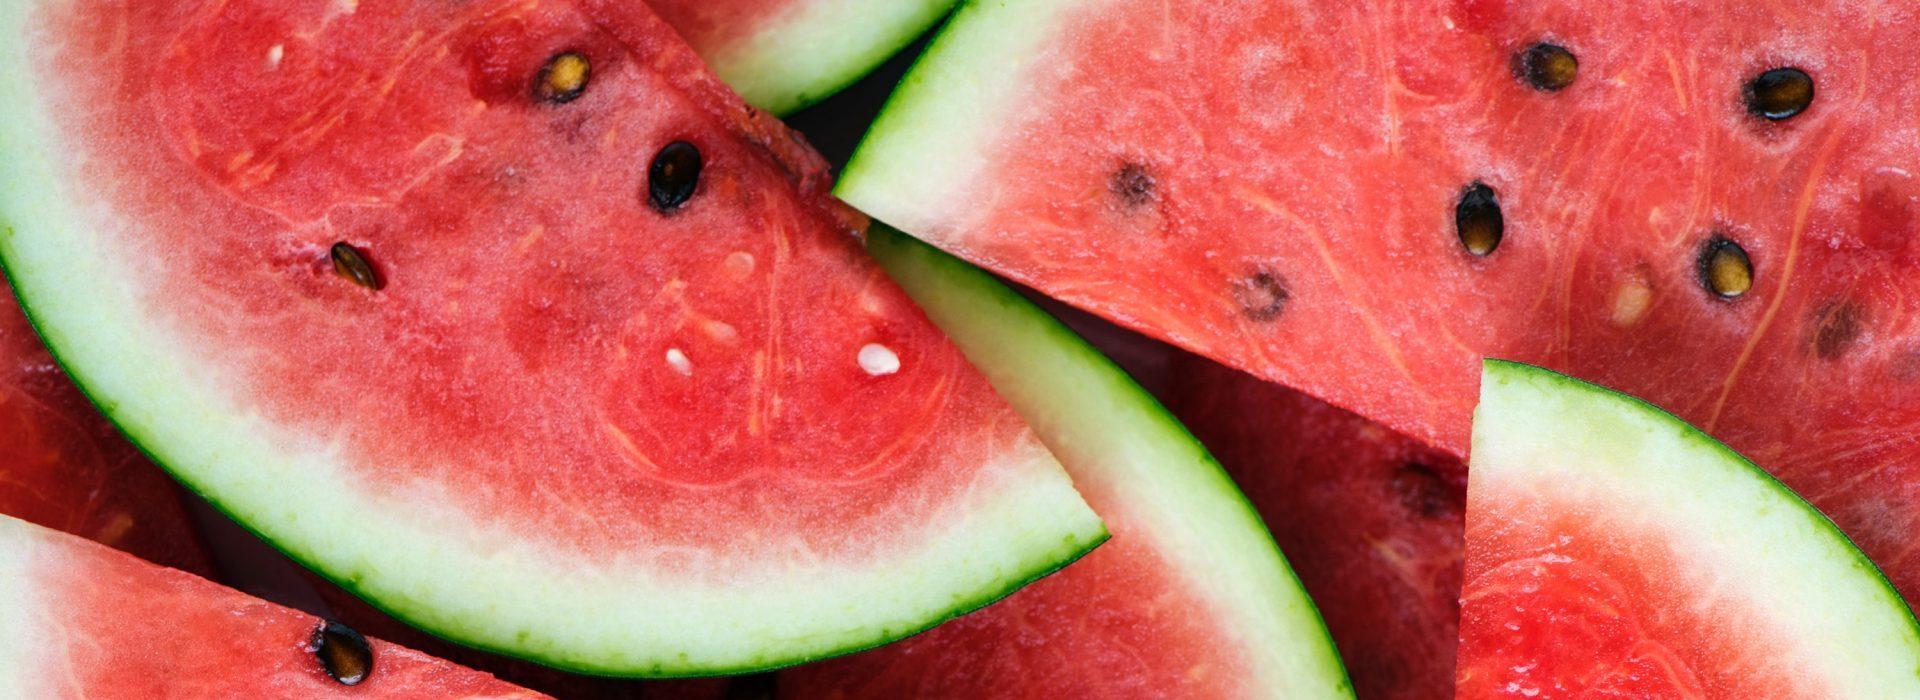 watermelon Olympics in omaha